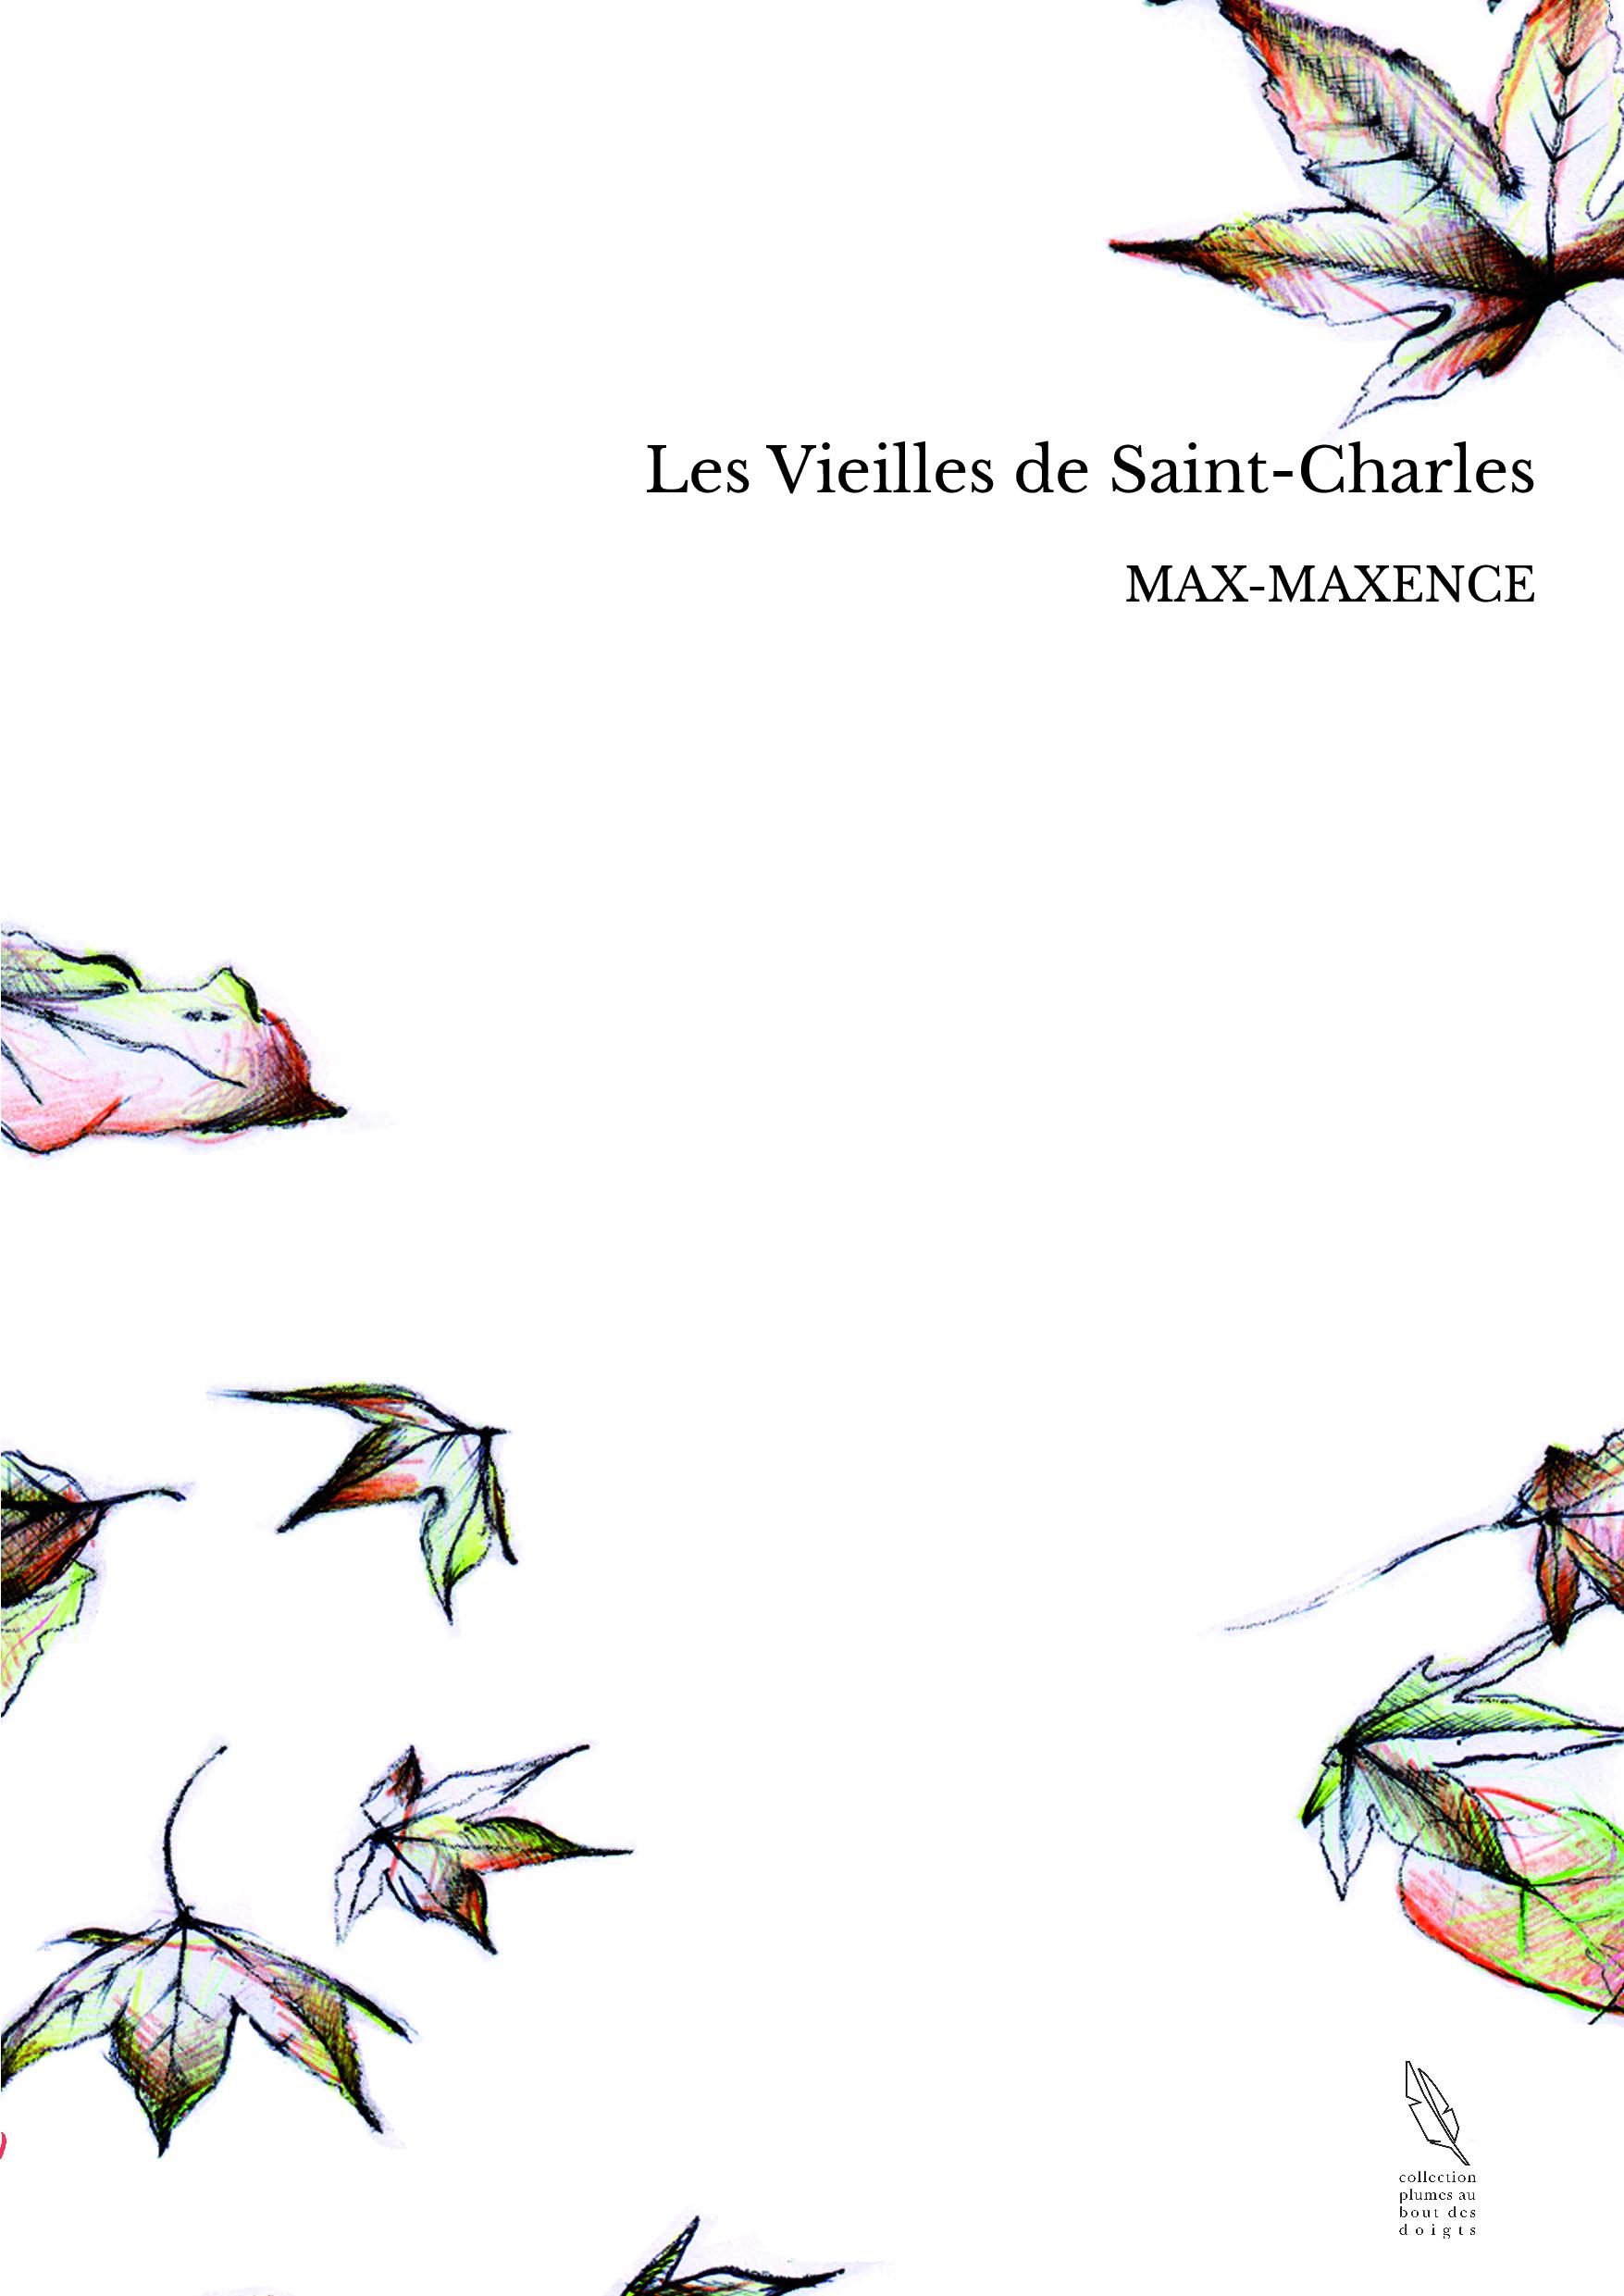 Les Vieilles de Saint-Charles